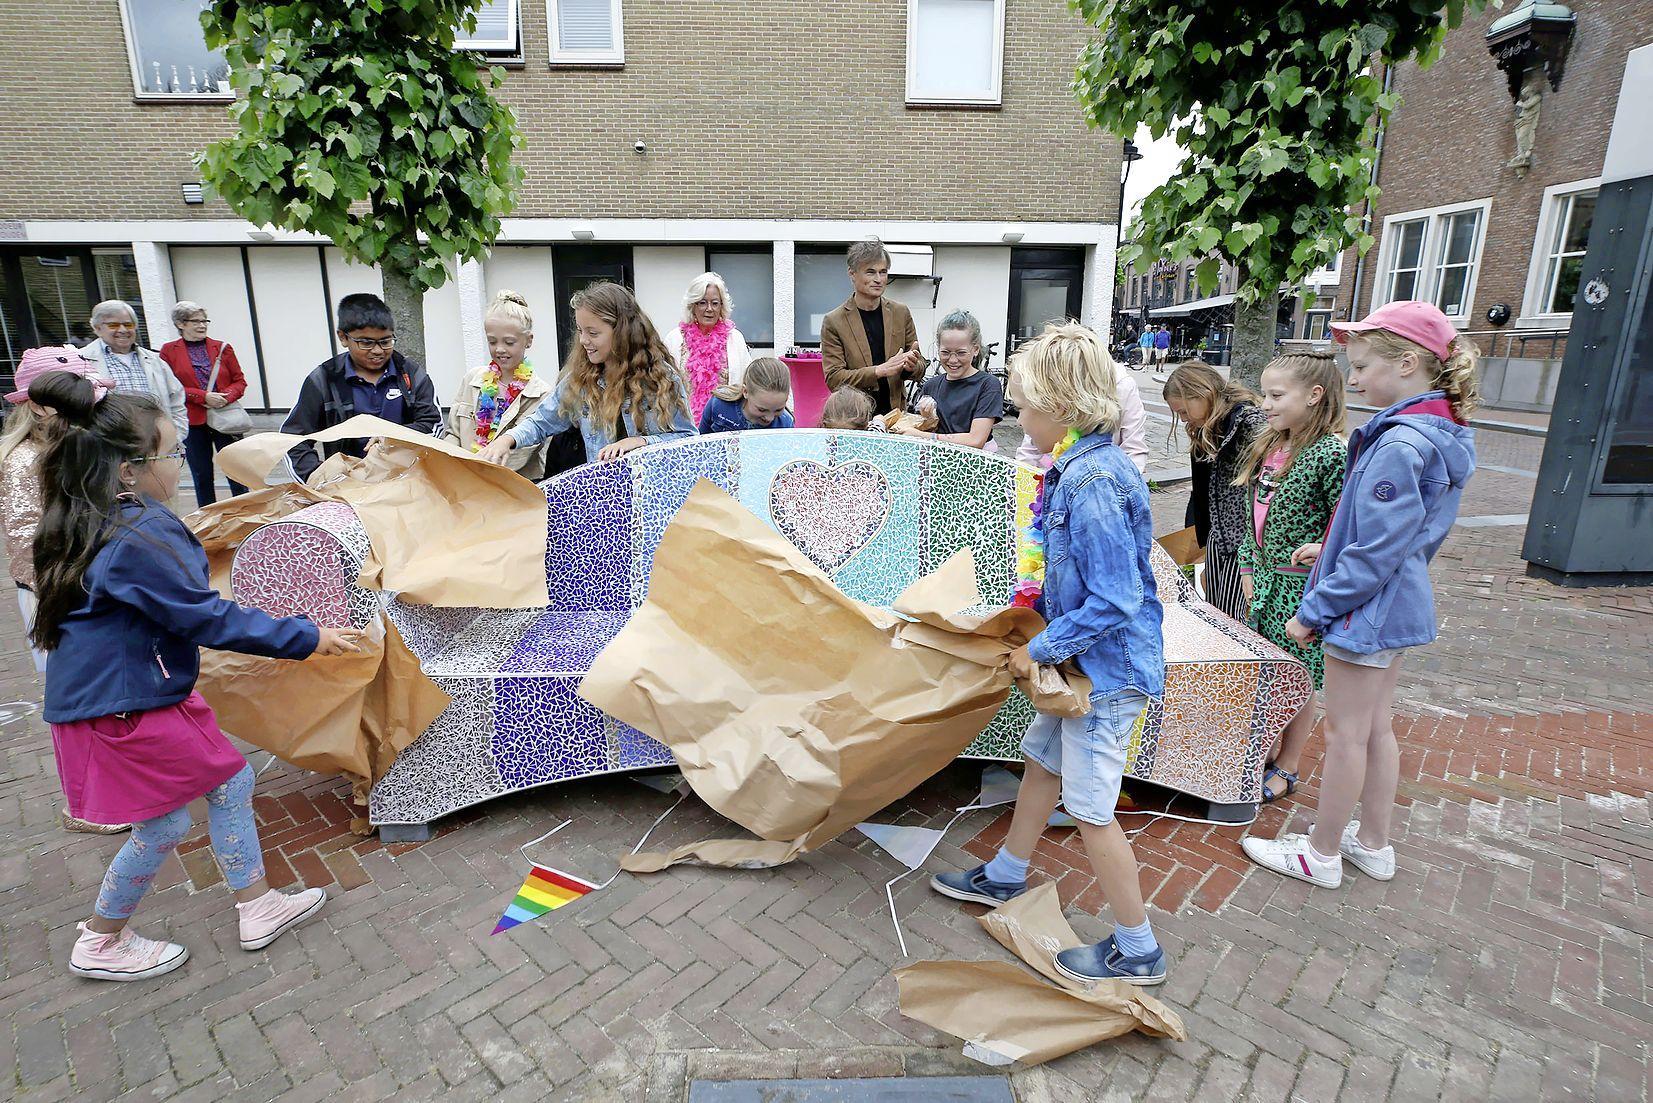 Het is Roze Zaterdag en vandaag onthulden wethouders Kruit en Van der Veek samen met basisschoolkinderen een regenboogbank. 'Wij willen een inclusief Schagen voor iedereen'